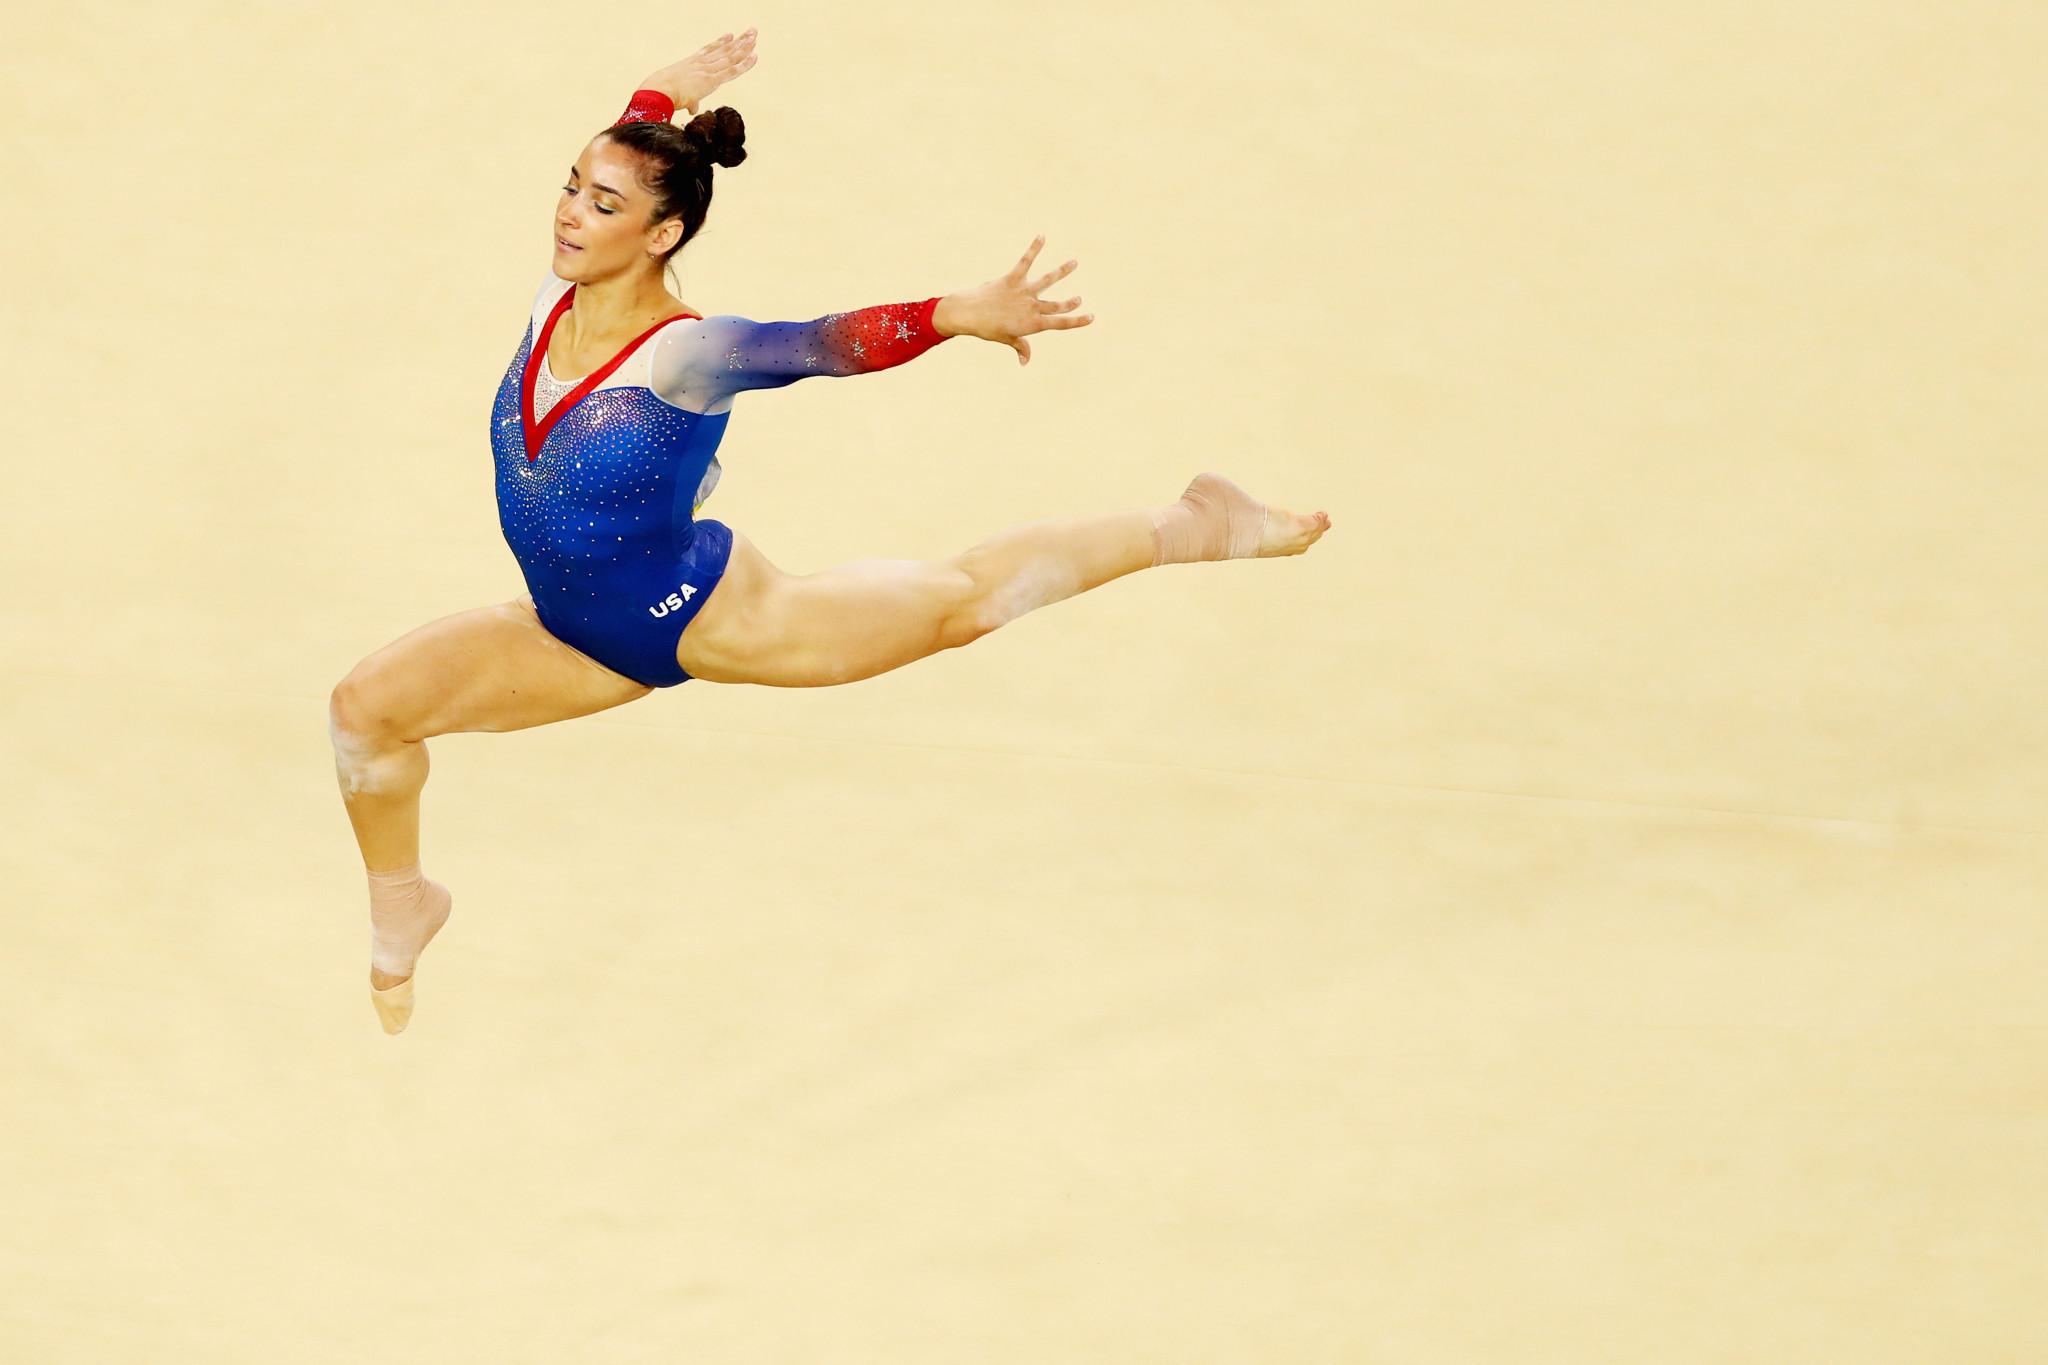 Raisman and Biles criticise USA Gymnastics settlement offer to Nassar survivors